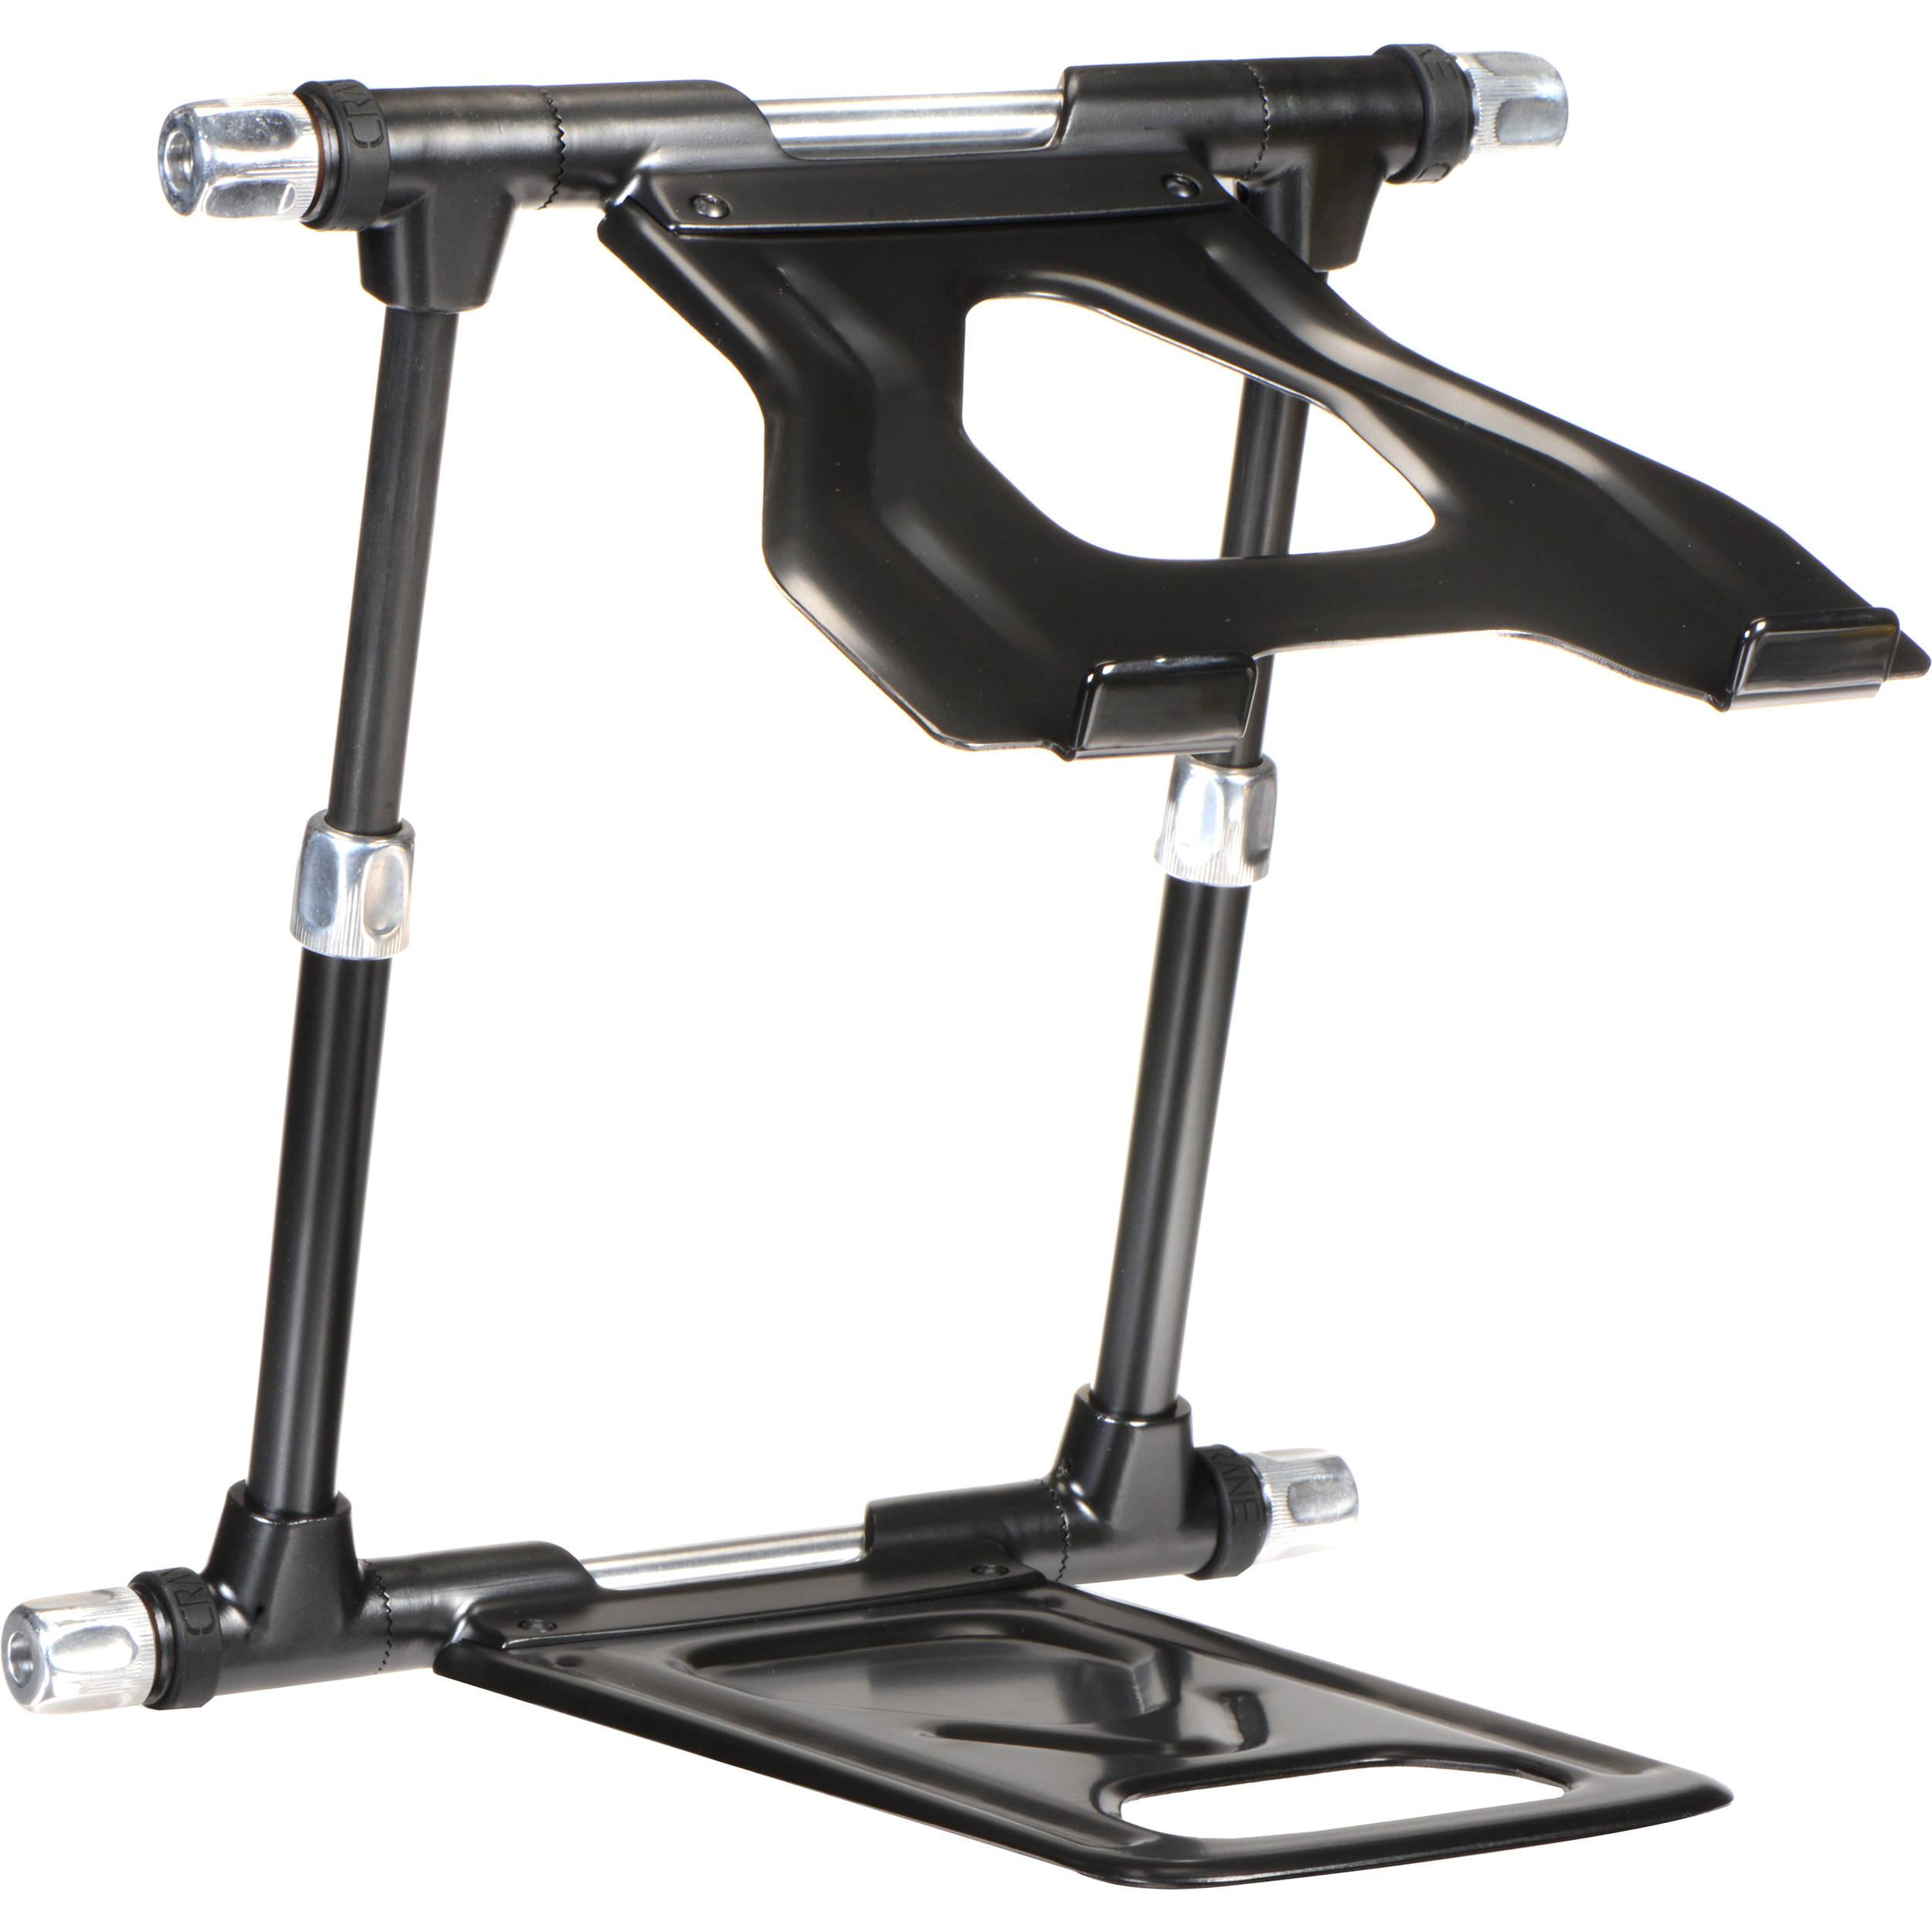 Crane Laptop Stands : crane hardware stand elite height adjustable laptop cv5eltblk ~ Vivirlamusica.com Haus und Dekorationen